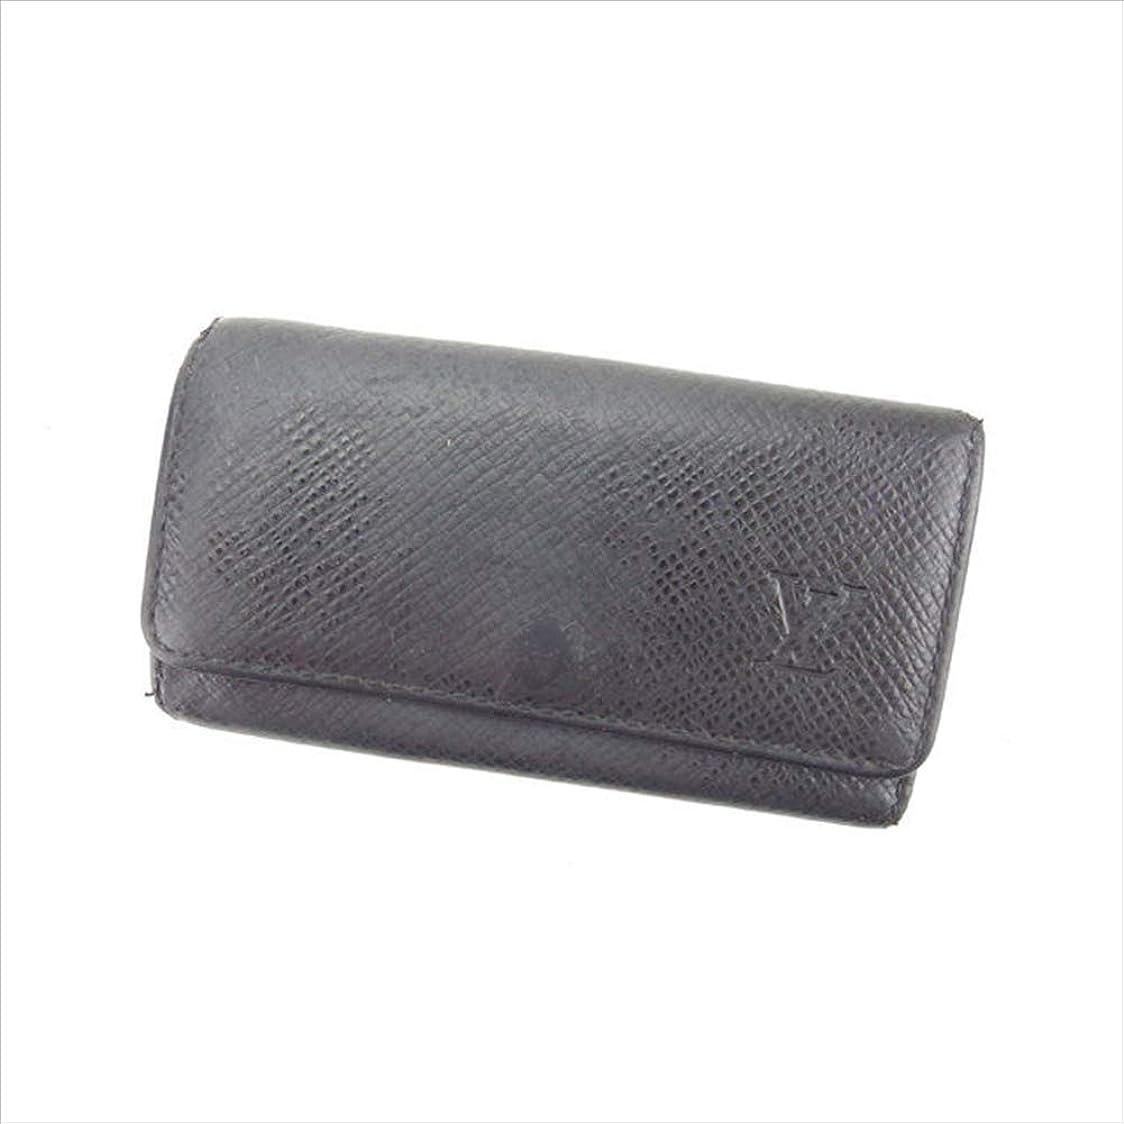 賠償大邸宅ソーシャル(Louis Vuitton) ルイヴィトン キーケース 4連キーケース 男女兼用 ミュルティクレ4 M30522 タイガ 中古 G836